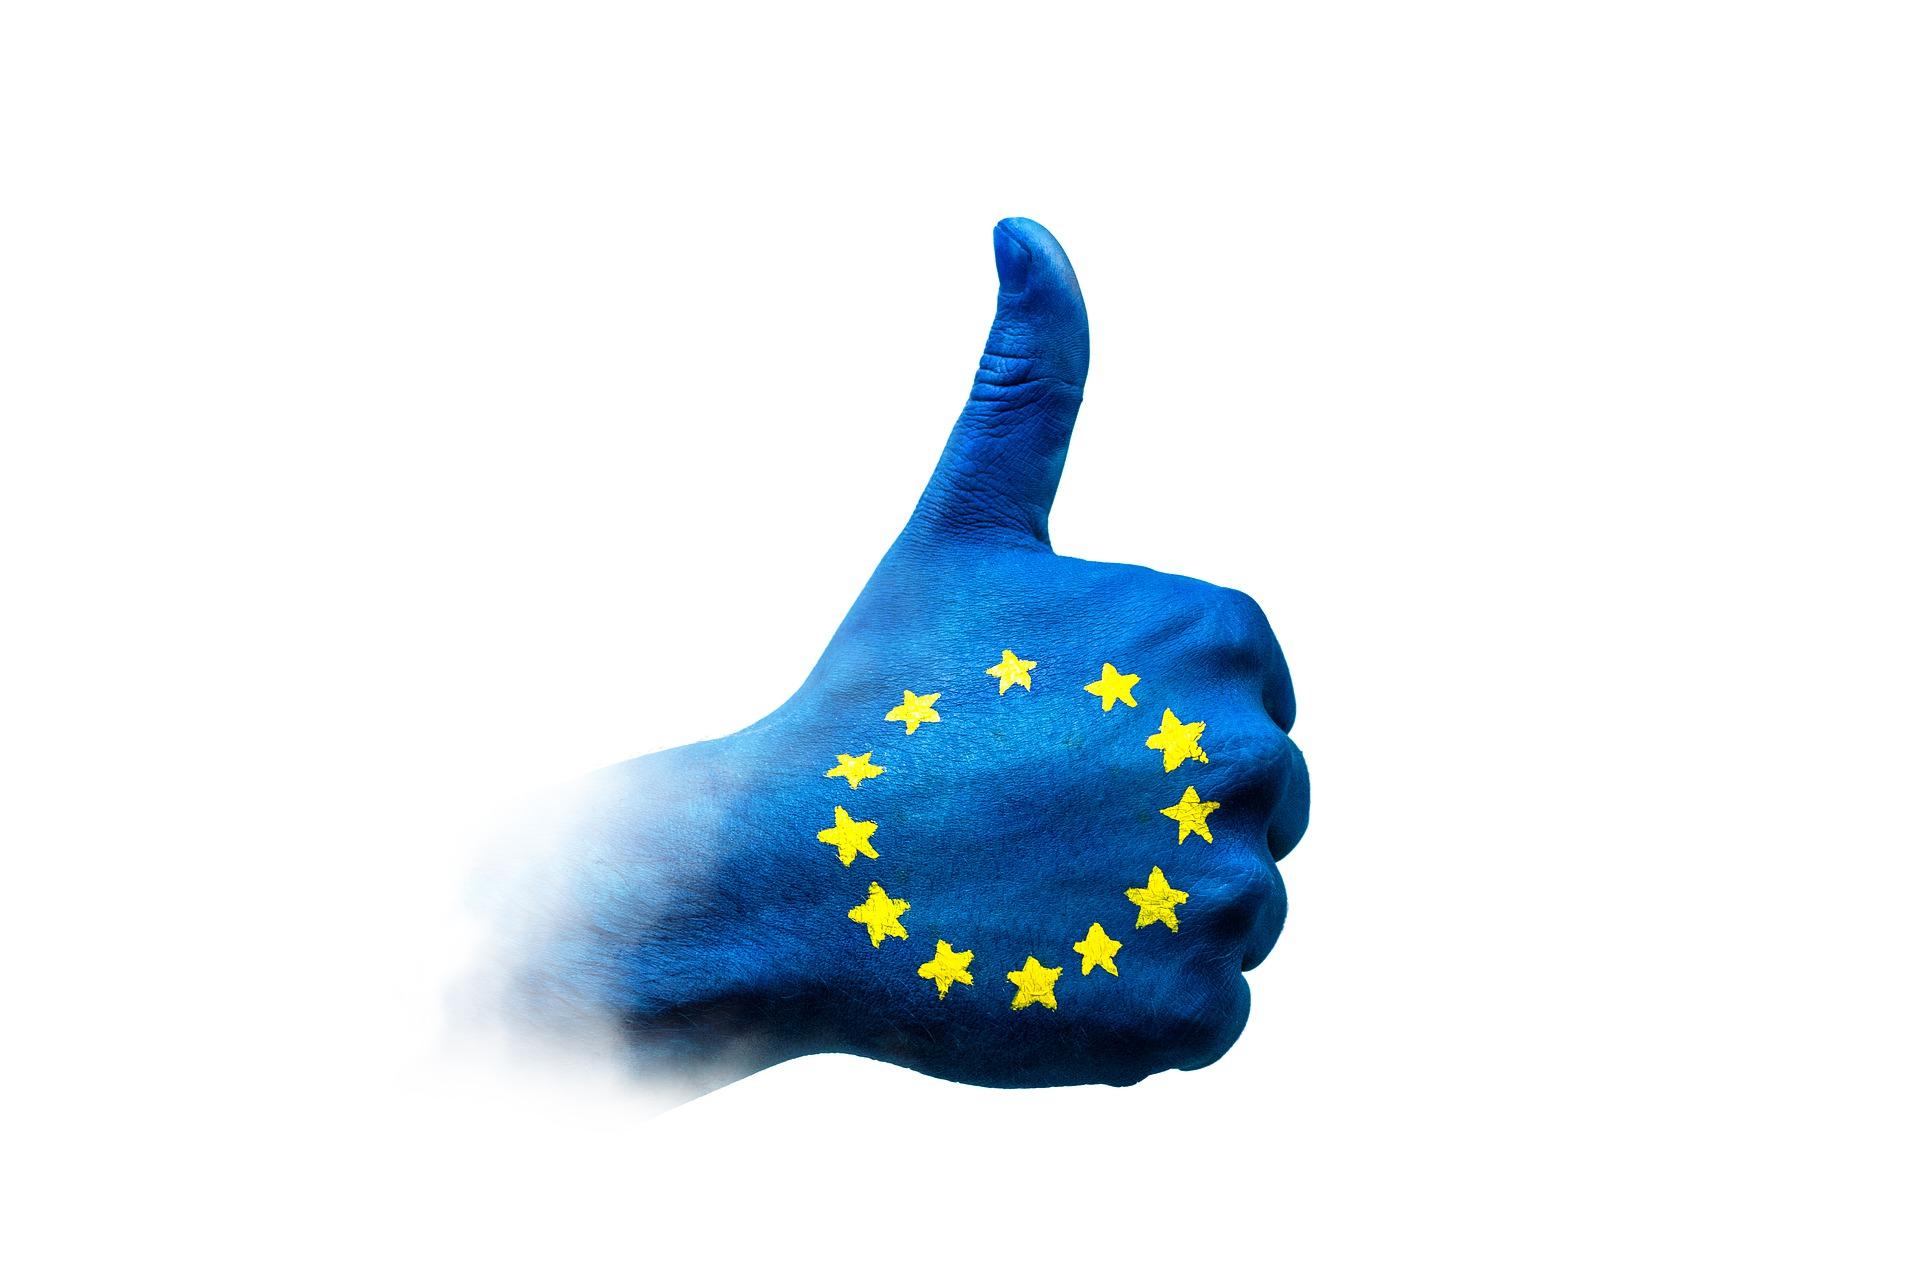 législation - réglementation Europe sur le chanvre cannabis CBD